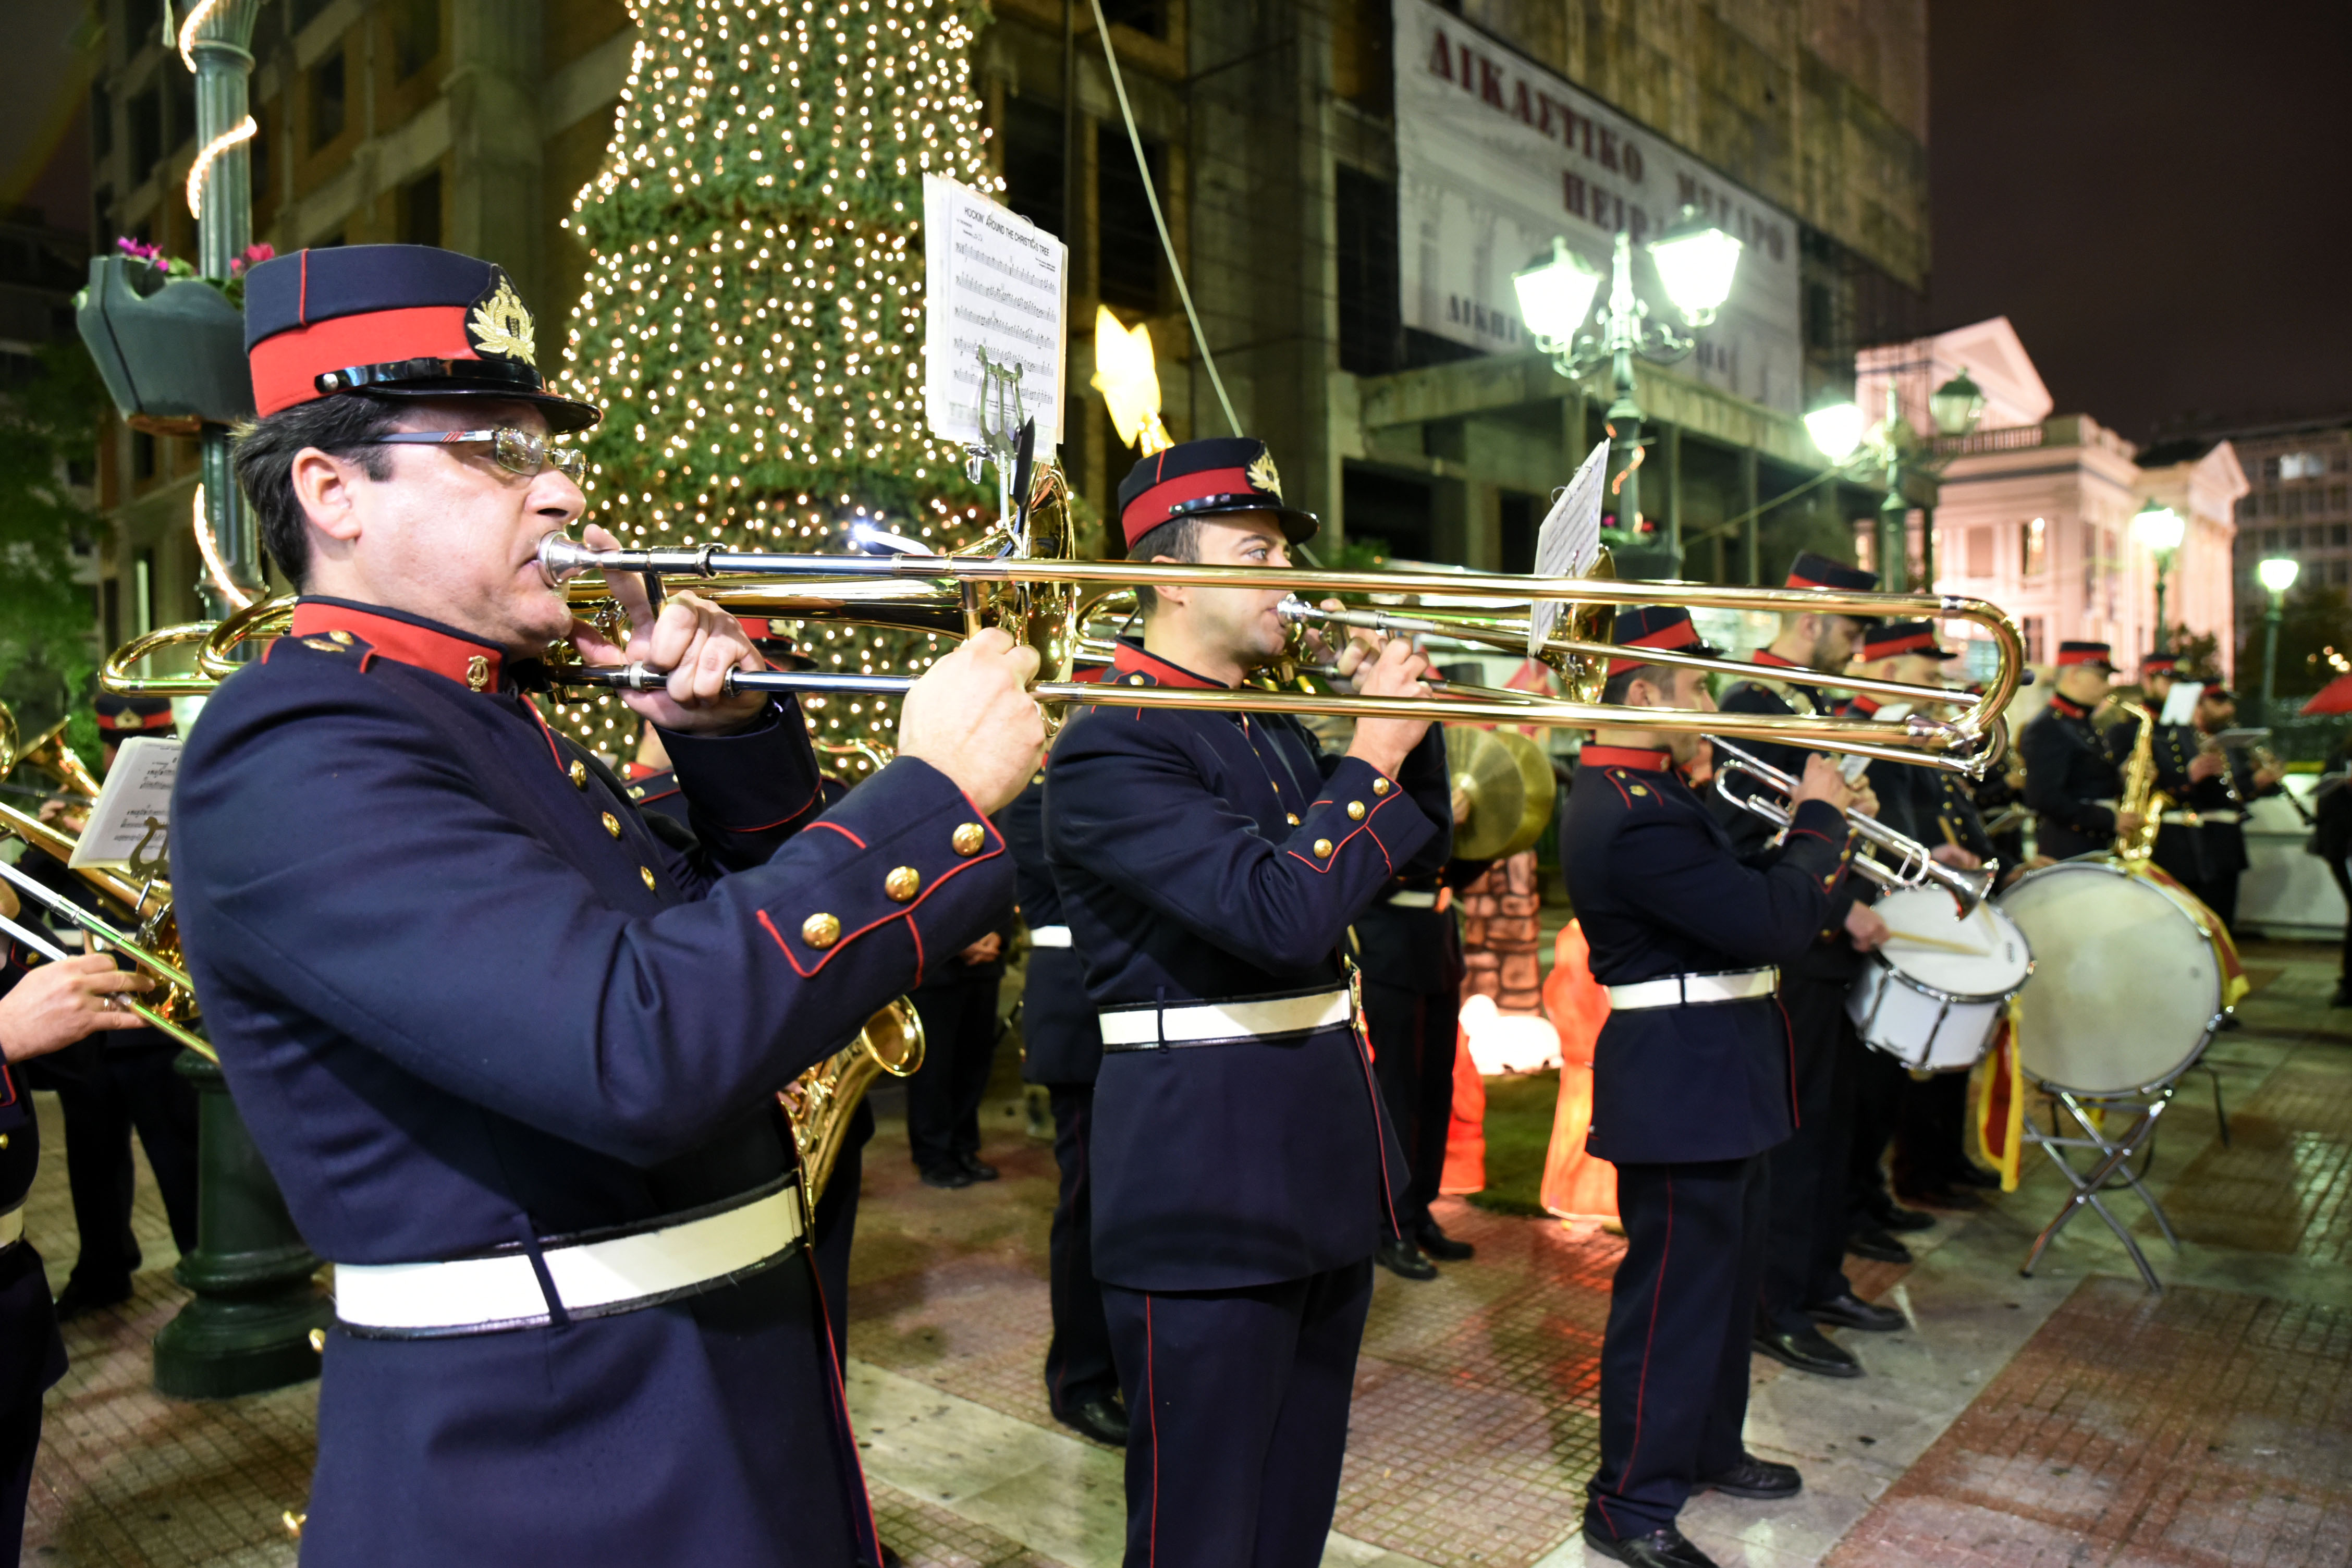 [21, 22 και 28-31 Δεκεμβρίου] Χριστουγεννιάτικοι Μουσικοί Περίπατοι